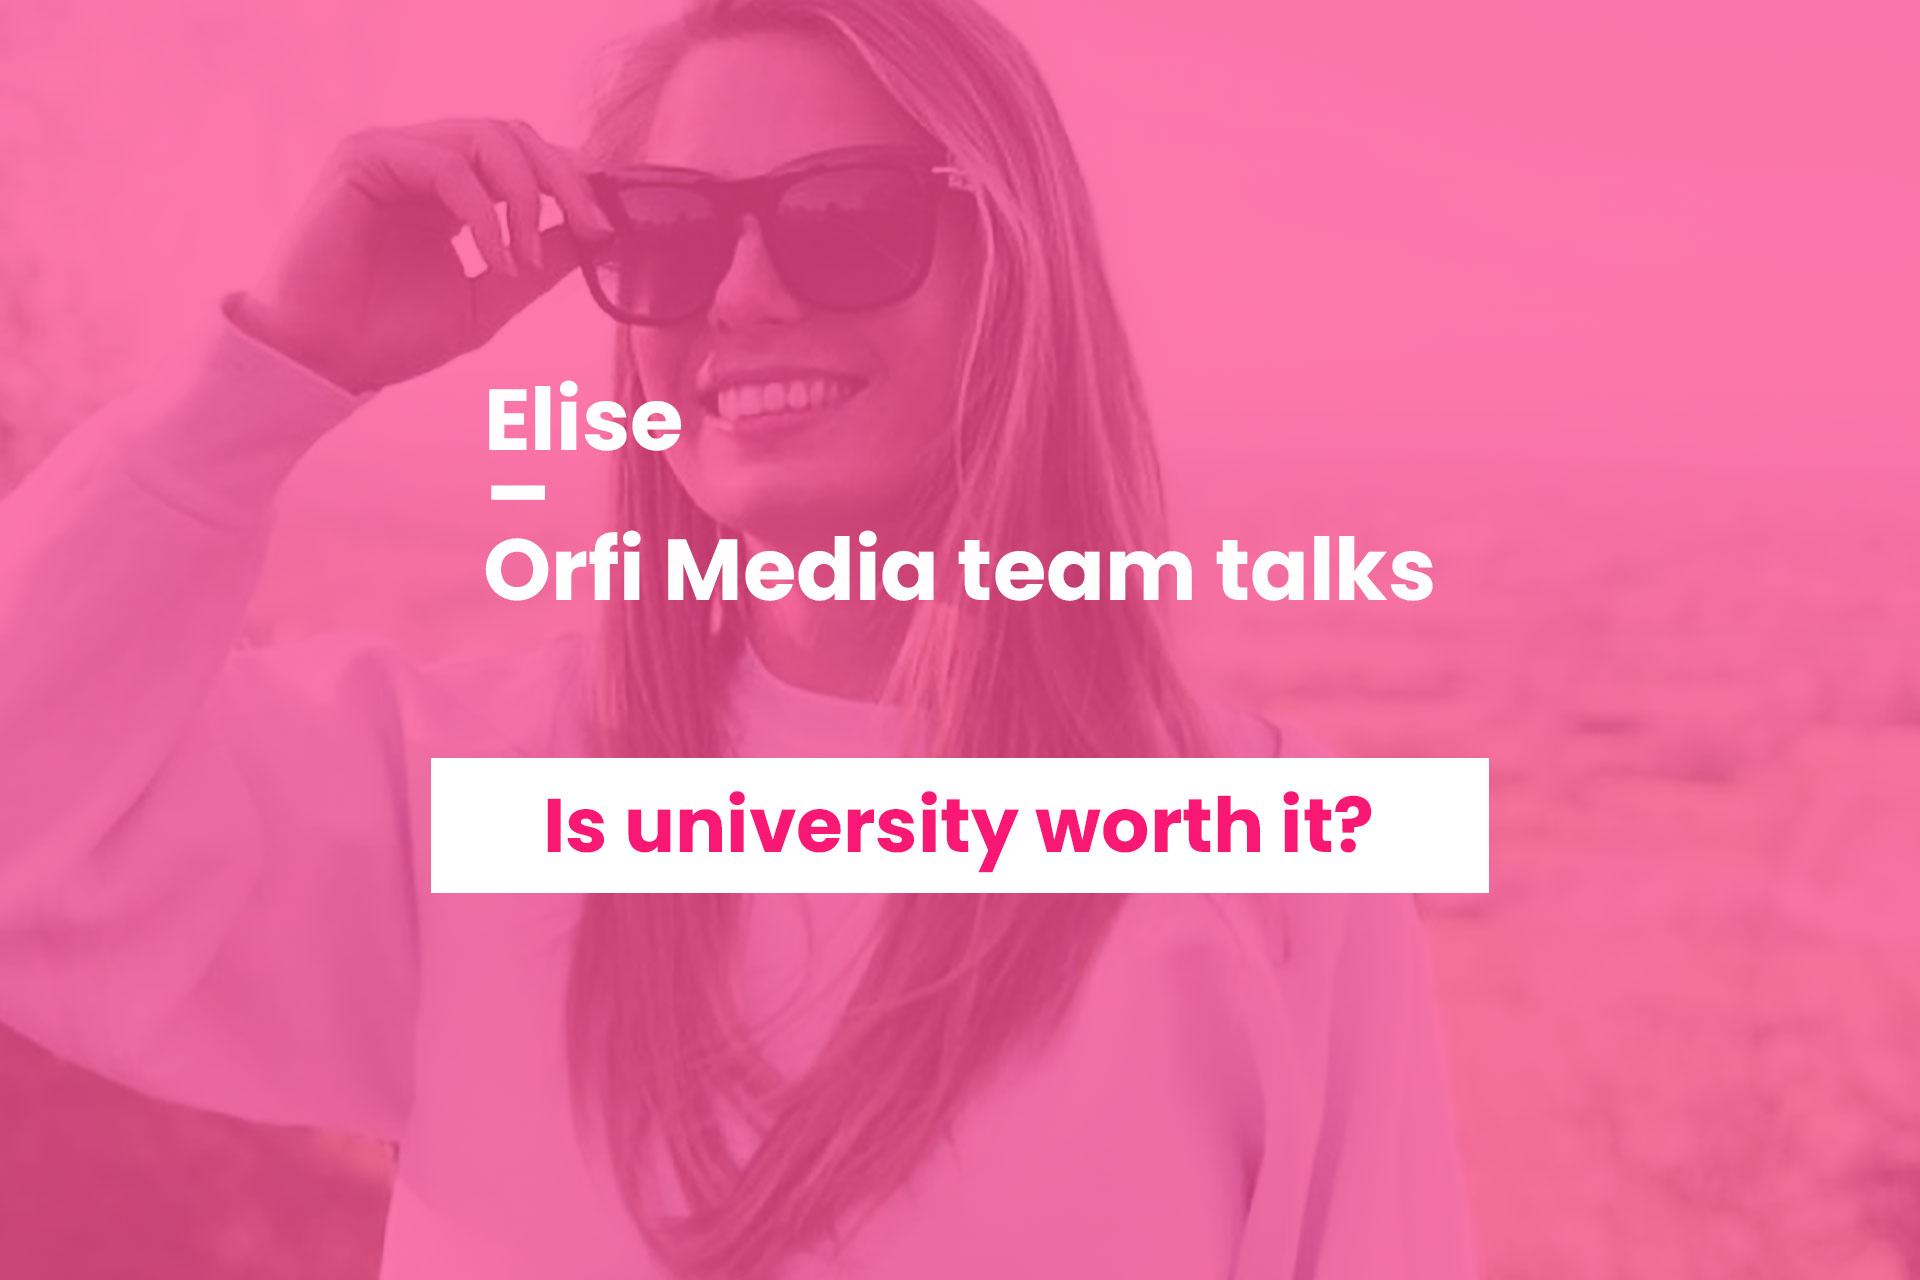 Orfi Media team talks Elise Milburn